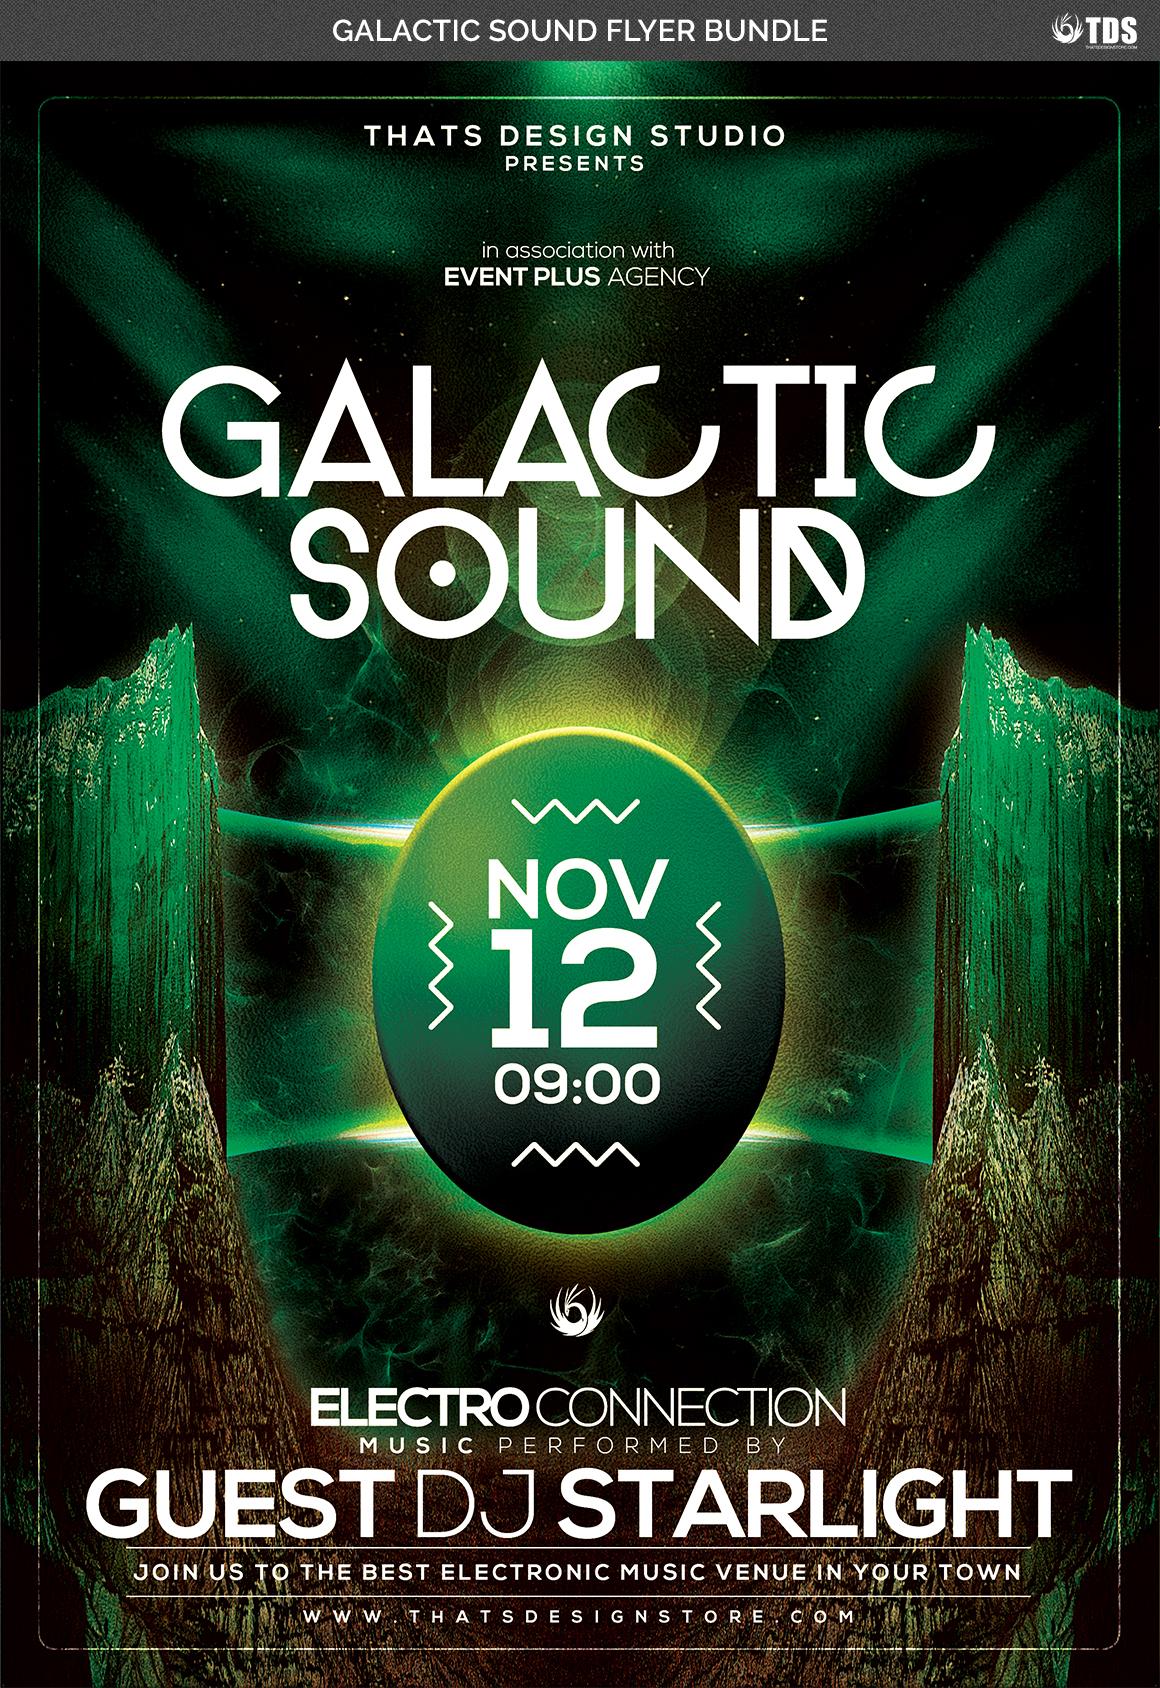 Galactic Sound Flyer Bundle example image 6